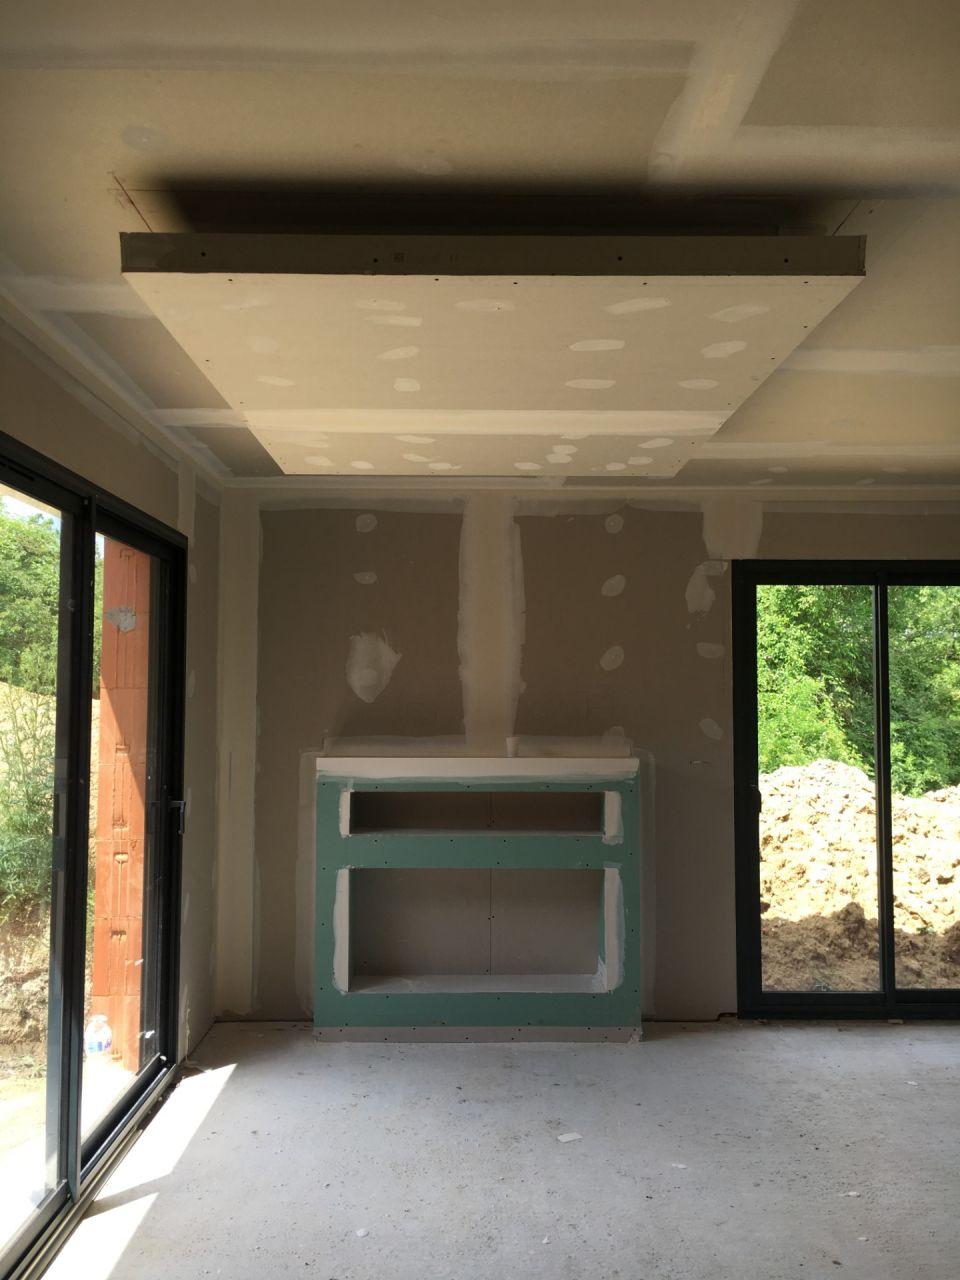 Notre petit extra, le faux plafond du séjour et le meuble télé / cheminée